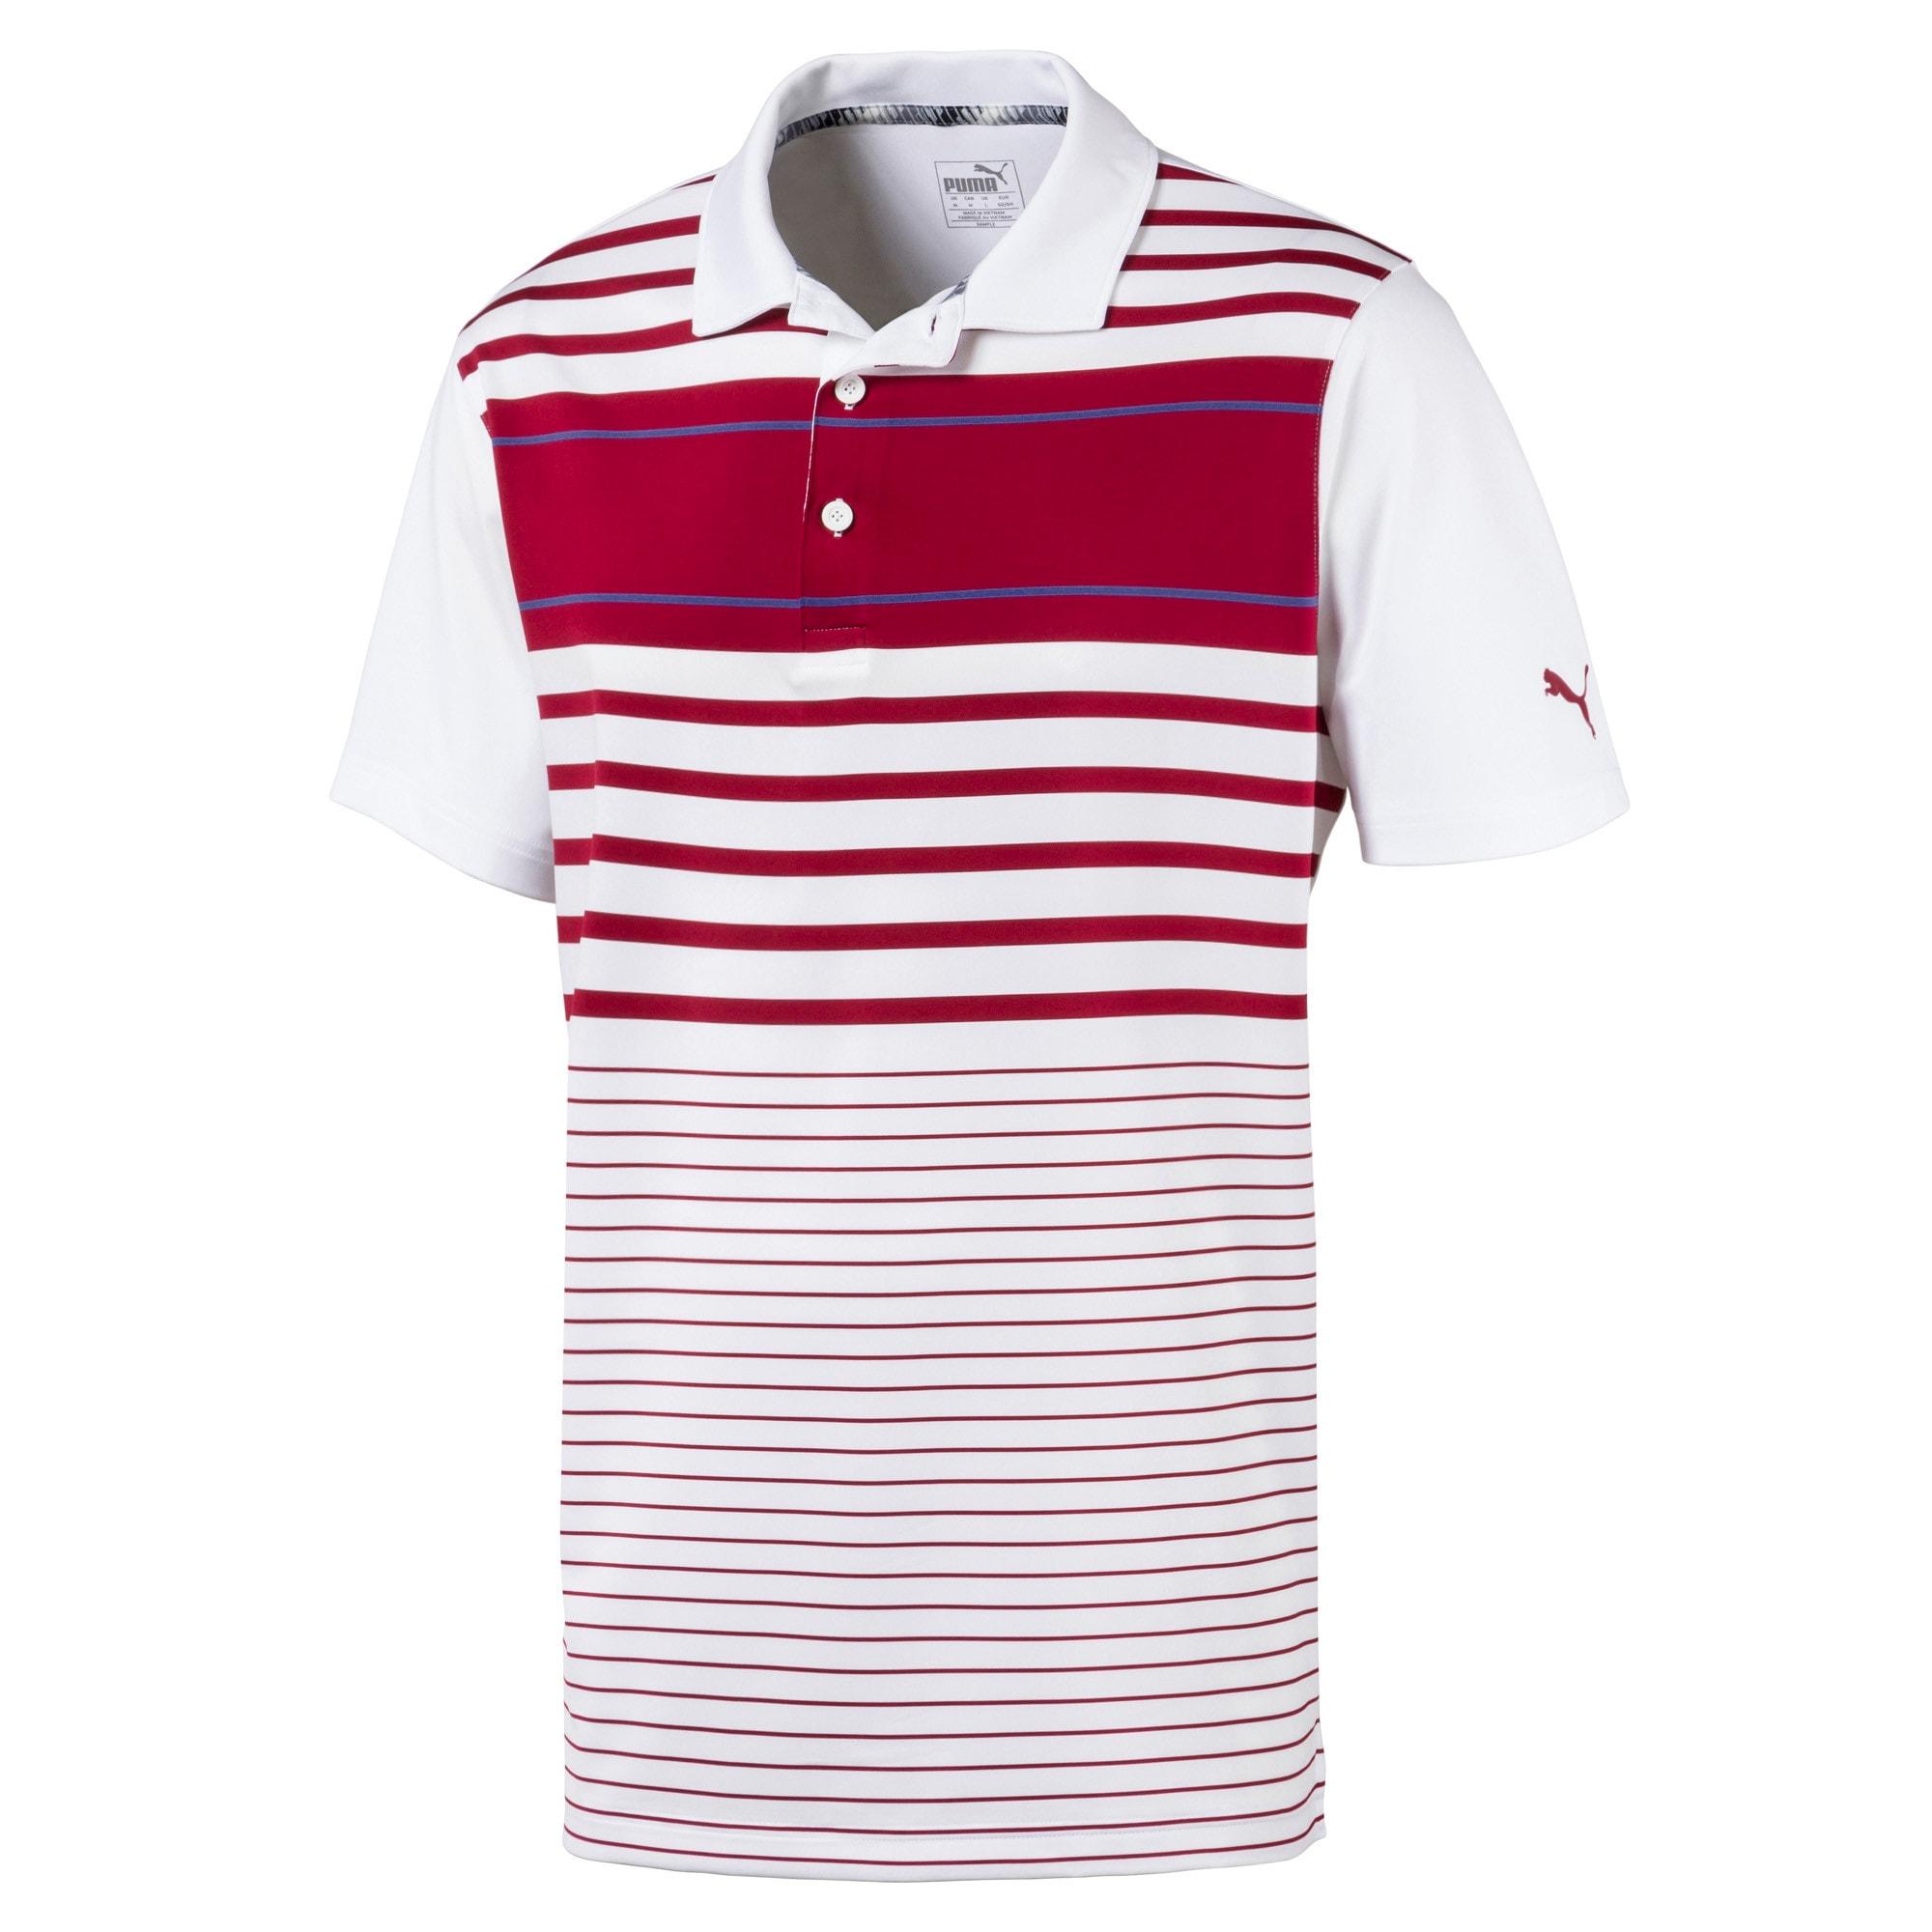 Miniatura 1 de Camiseta tipo polo Spotlight para hombre, Rhubarb-Peacoat, mediano